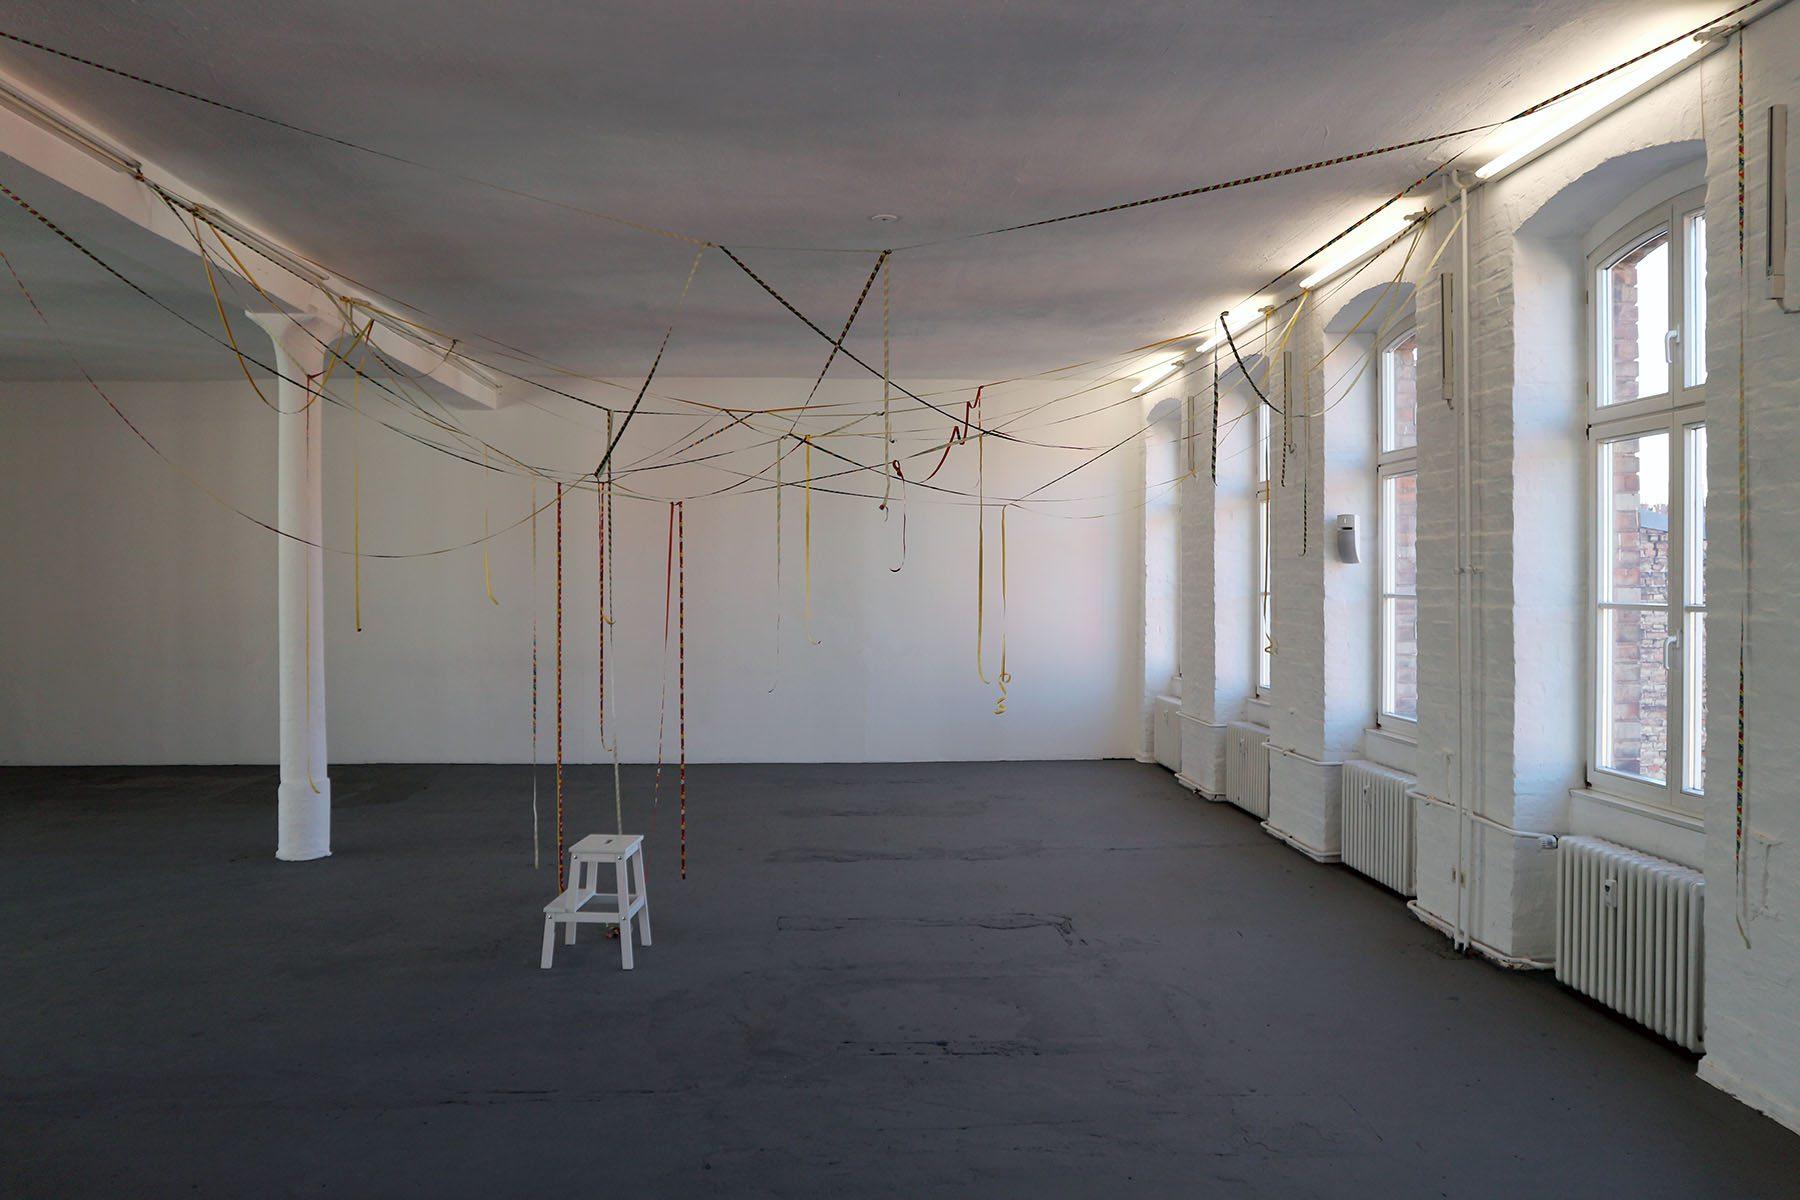 """Luftschlangen. Neben Hejduk bezieht sich Hopf auf ihre frühere Kollegin Annette Wehrmann. Die Installation """"Luftschlangen"""" ist auf der 3. Etage zu sehen."""